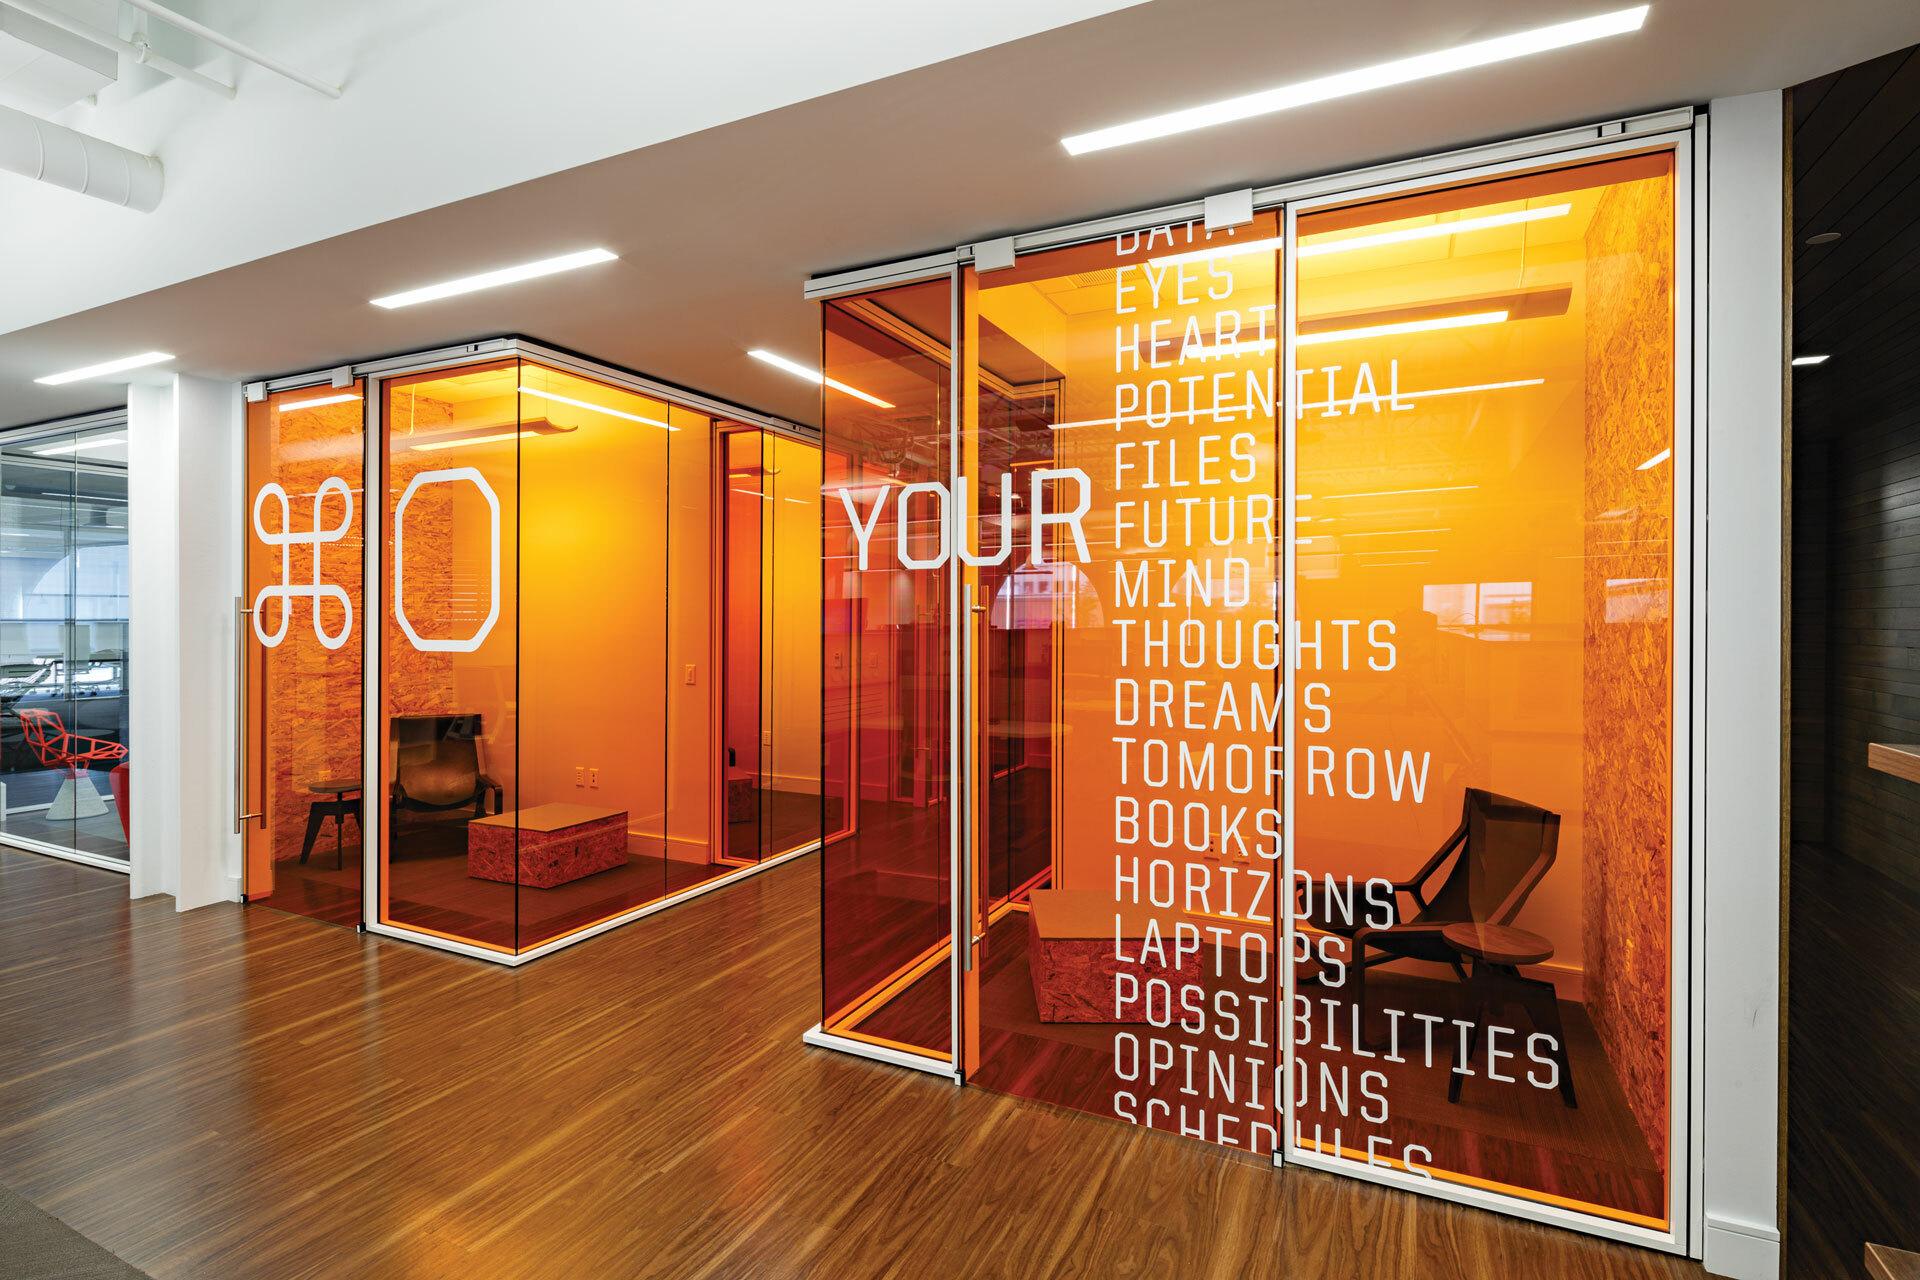 Pluralsight HQ orange Rooms